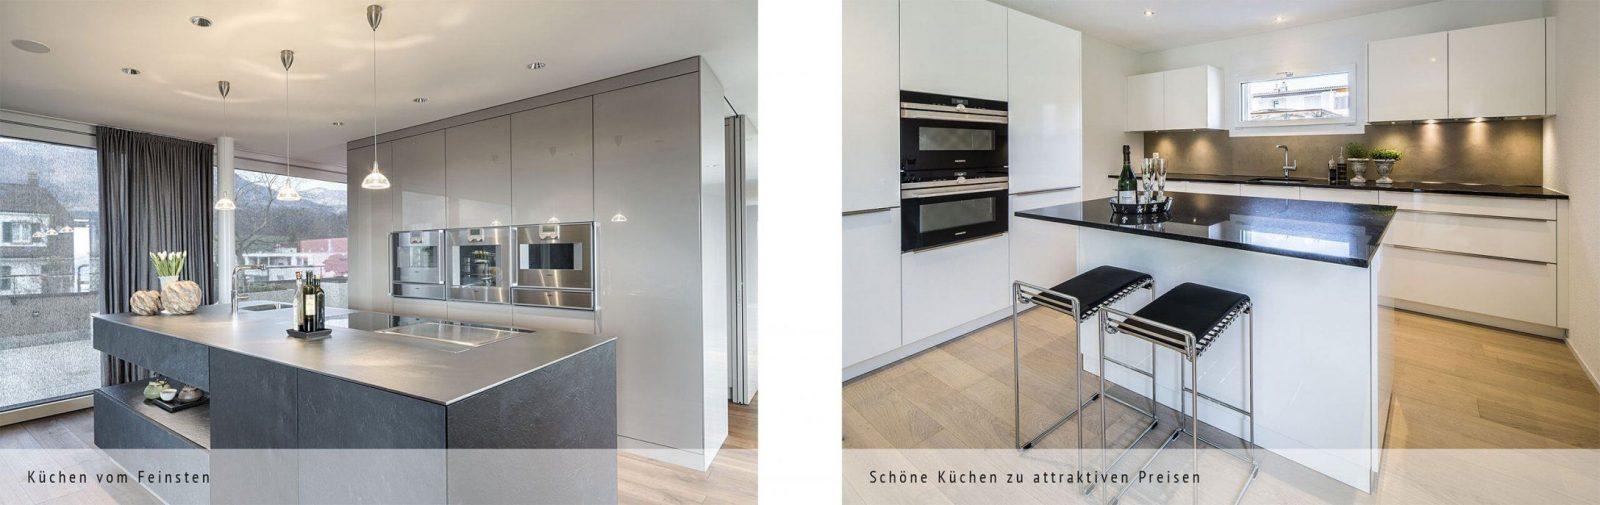 Design Küchen Ihre Neue Küche Mit Design Küchenzbären Von Küchen